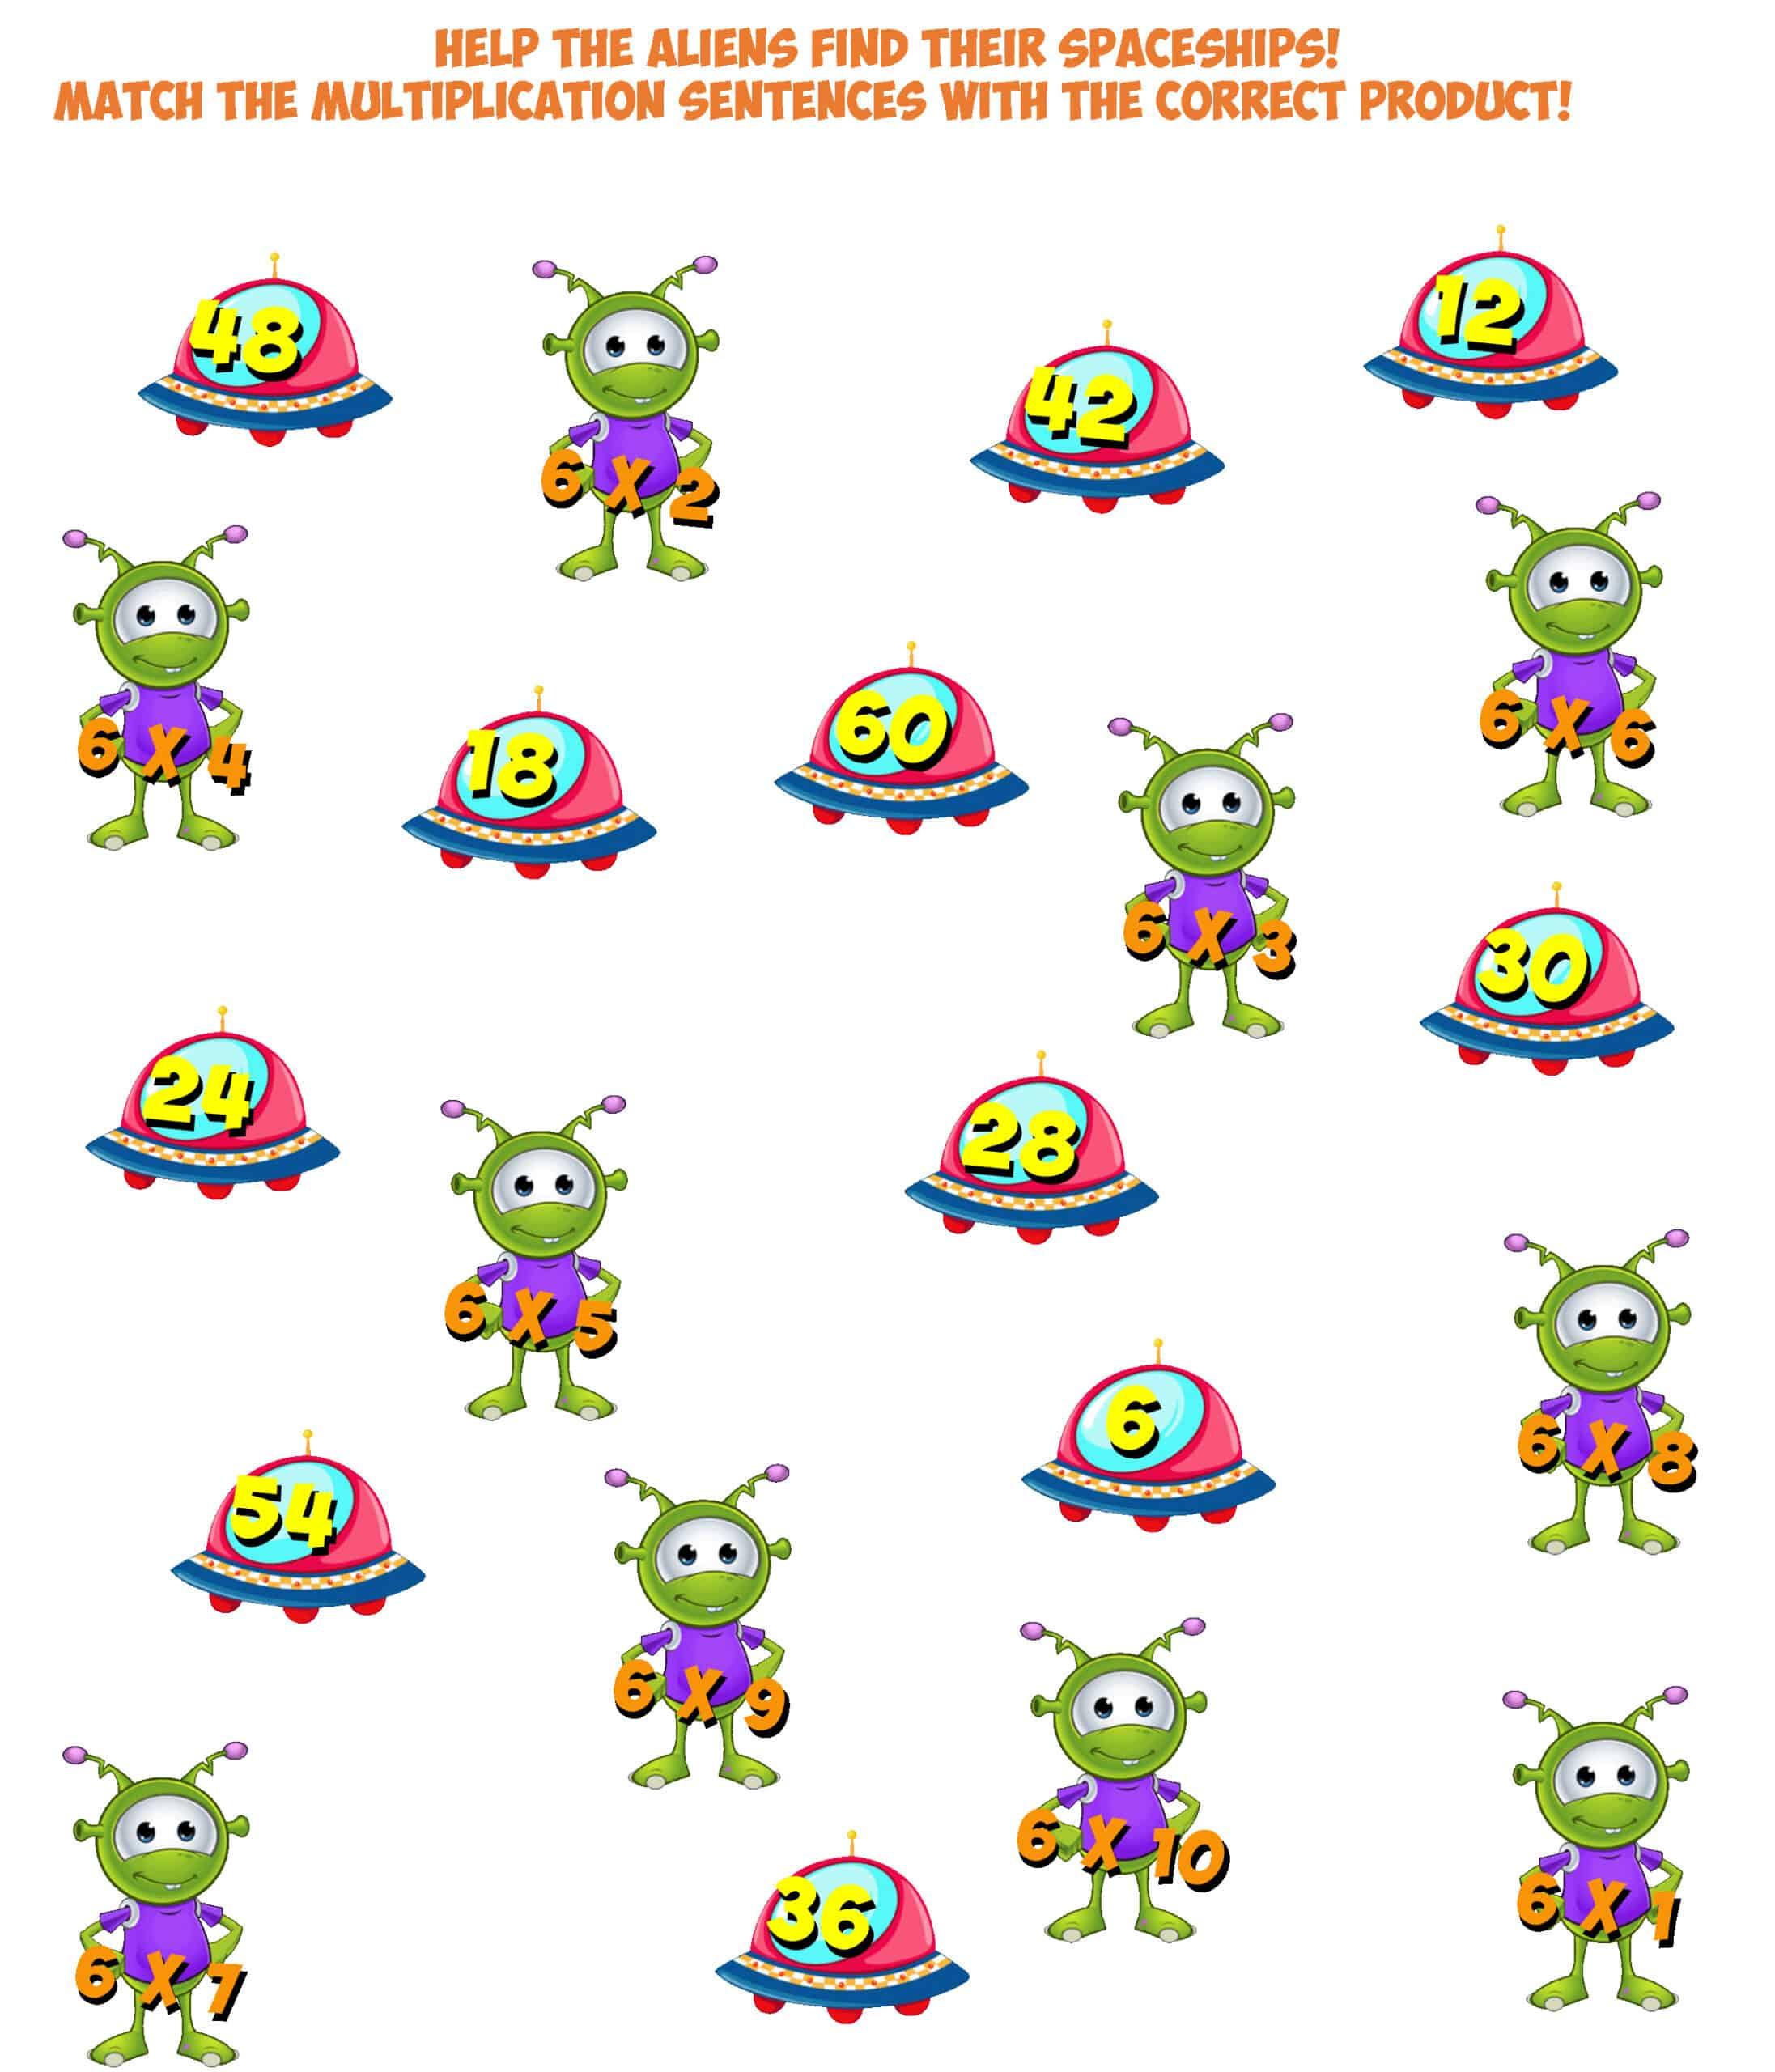 Alien Match Worksheet 6x Multiplication Facts